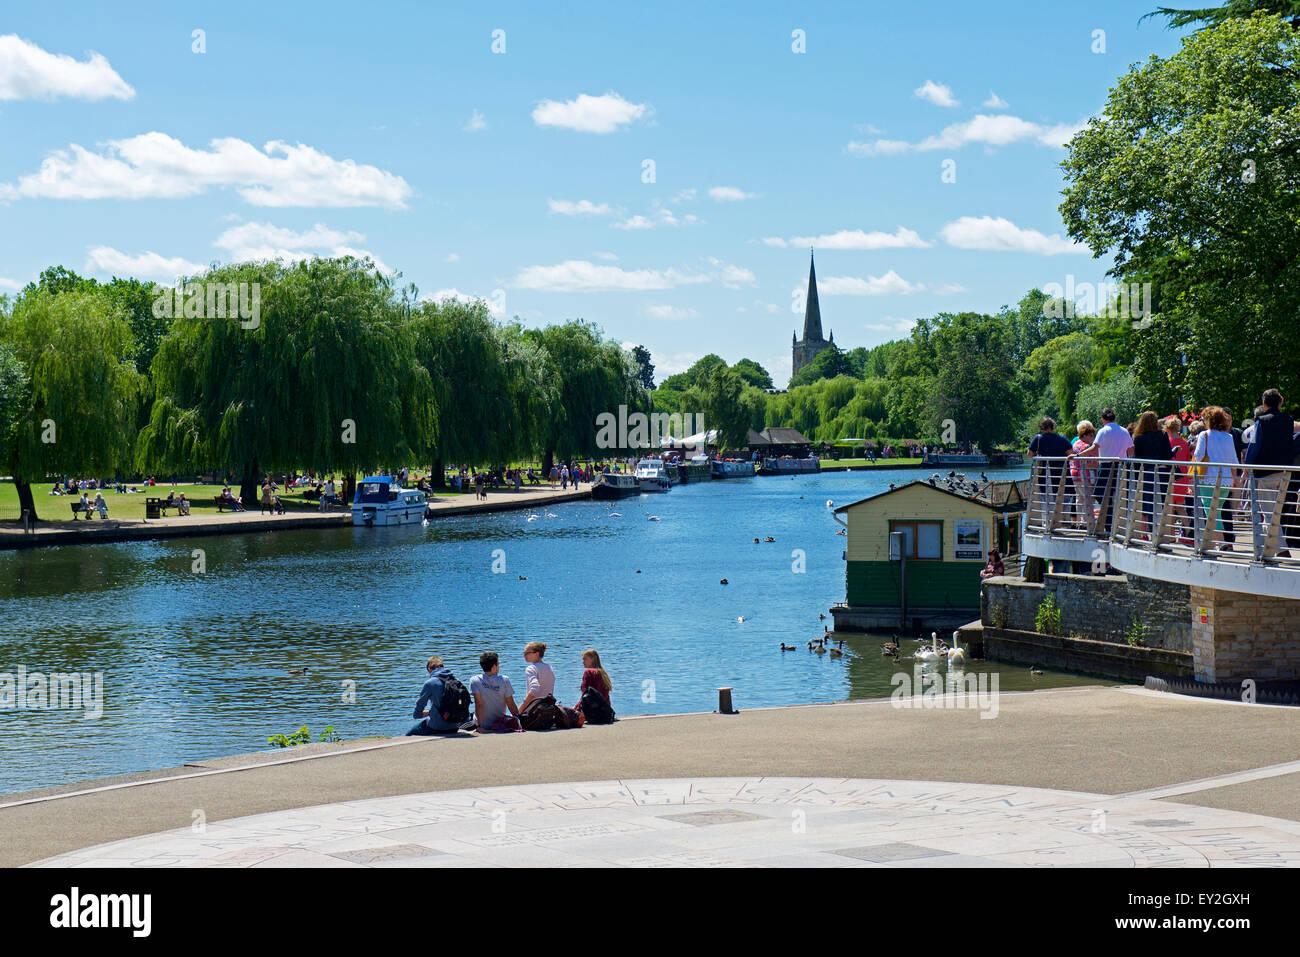 River Avon, Stratford upon Avon, Warwickshire, England UK - Stock Image